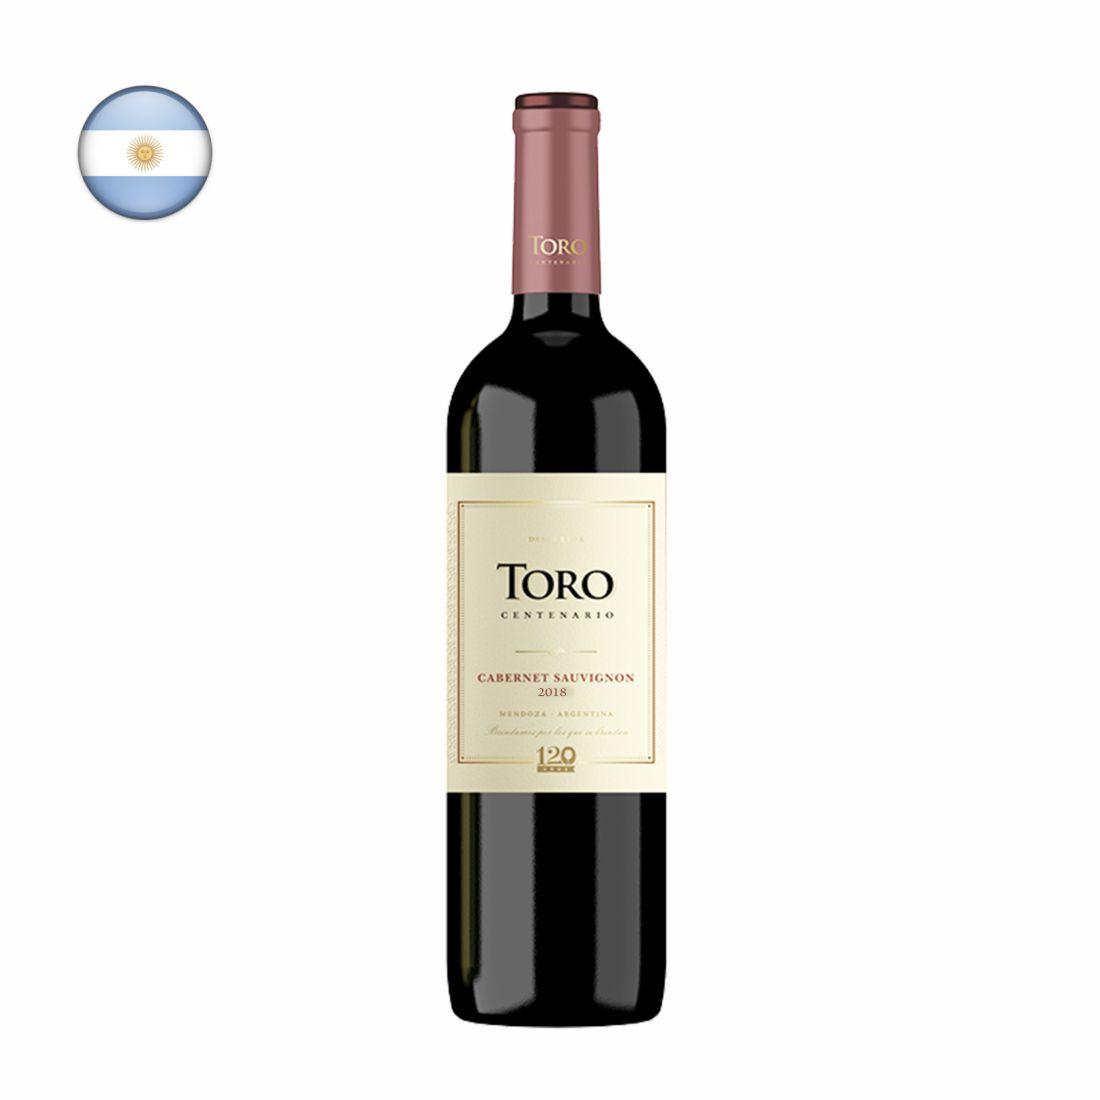 VINHO ARGENTINO TORO 750ML CABERNET SAUVIGNON